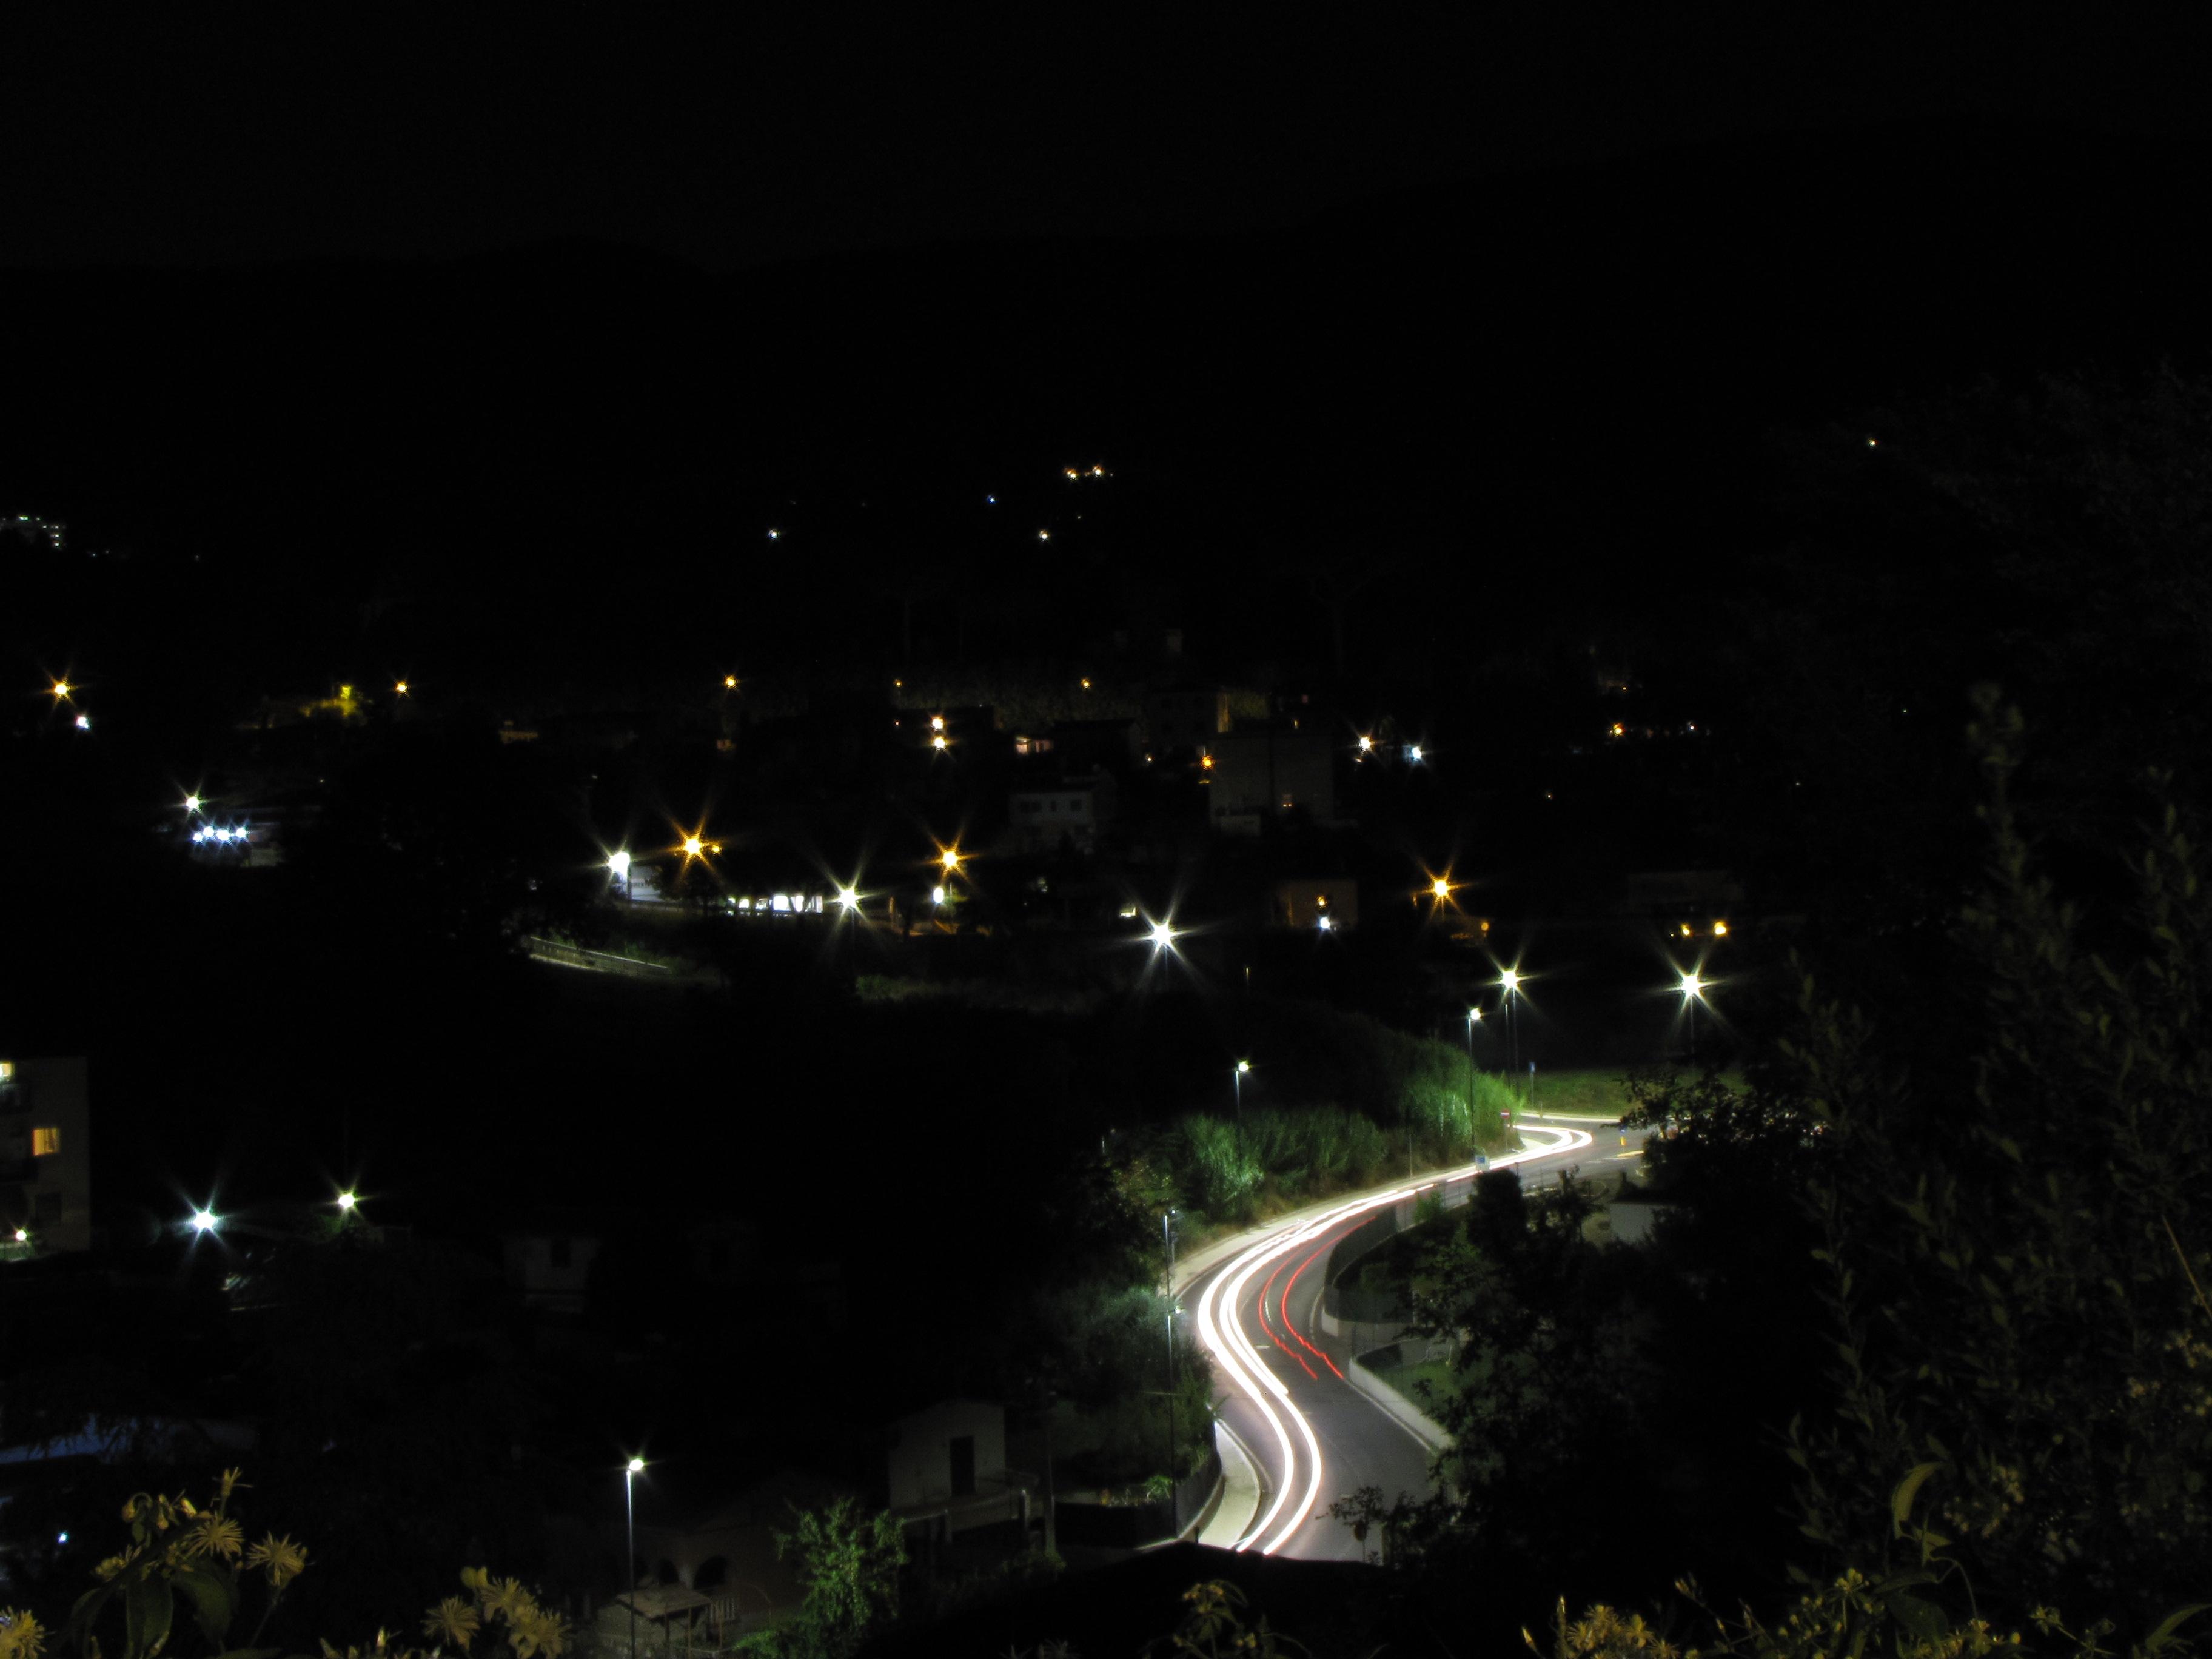 La via della notte di fedem